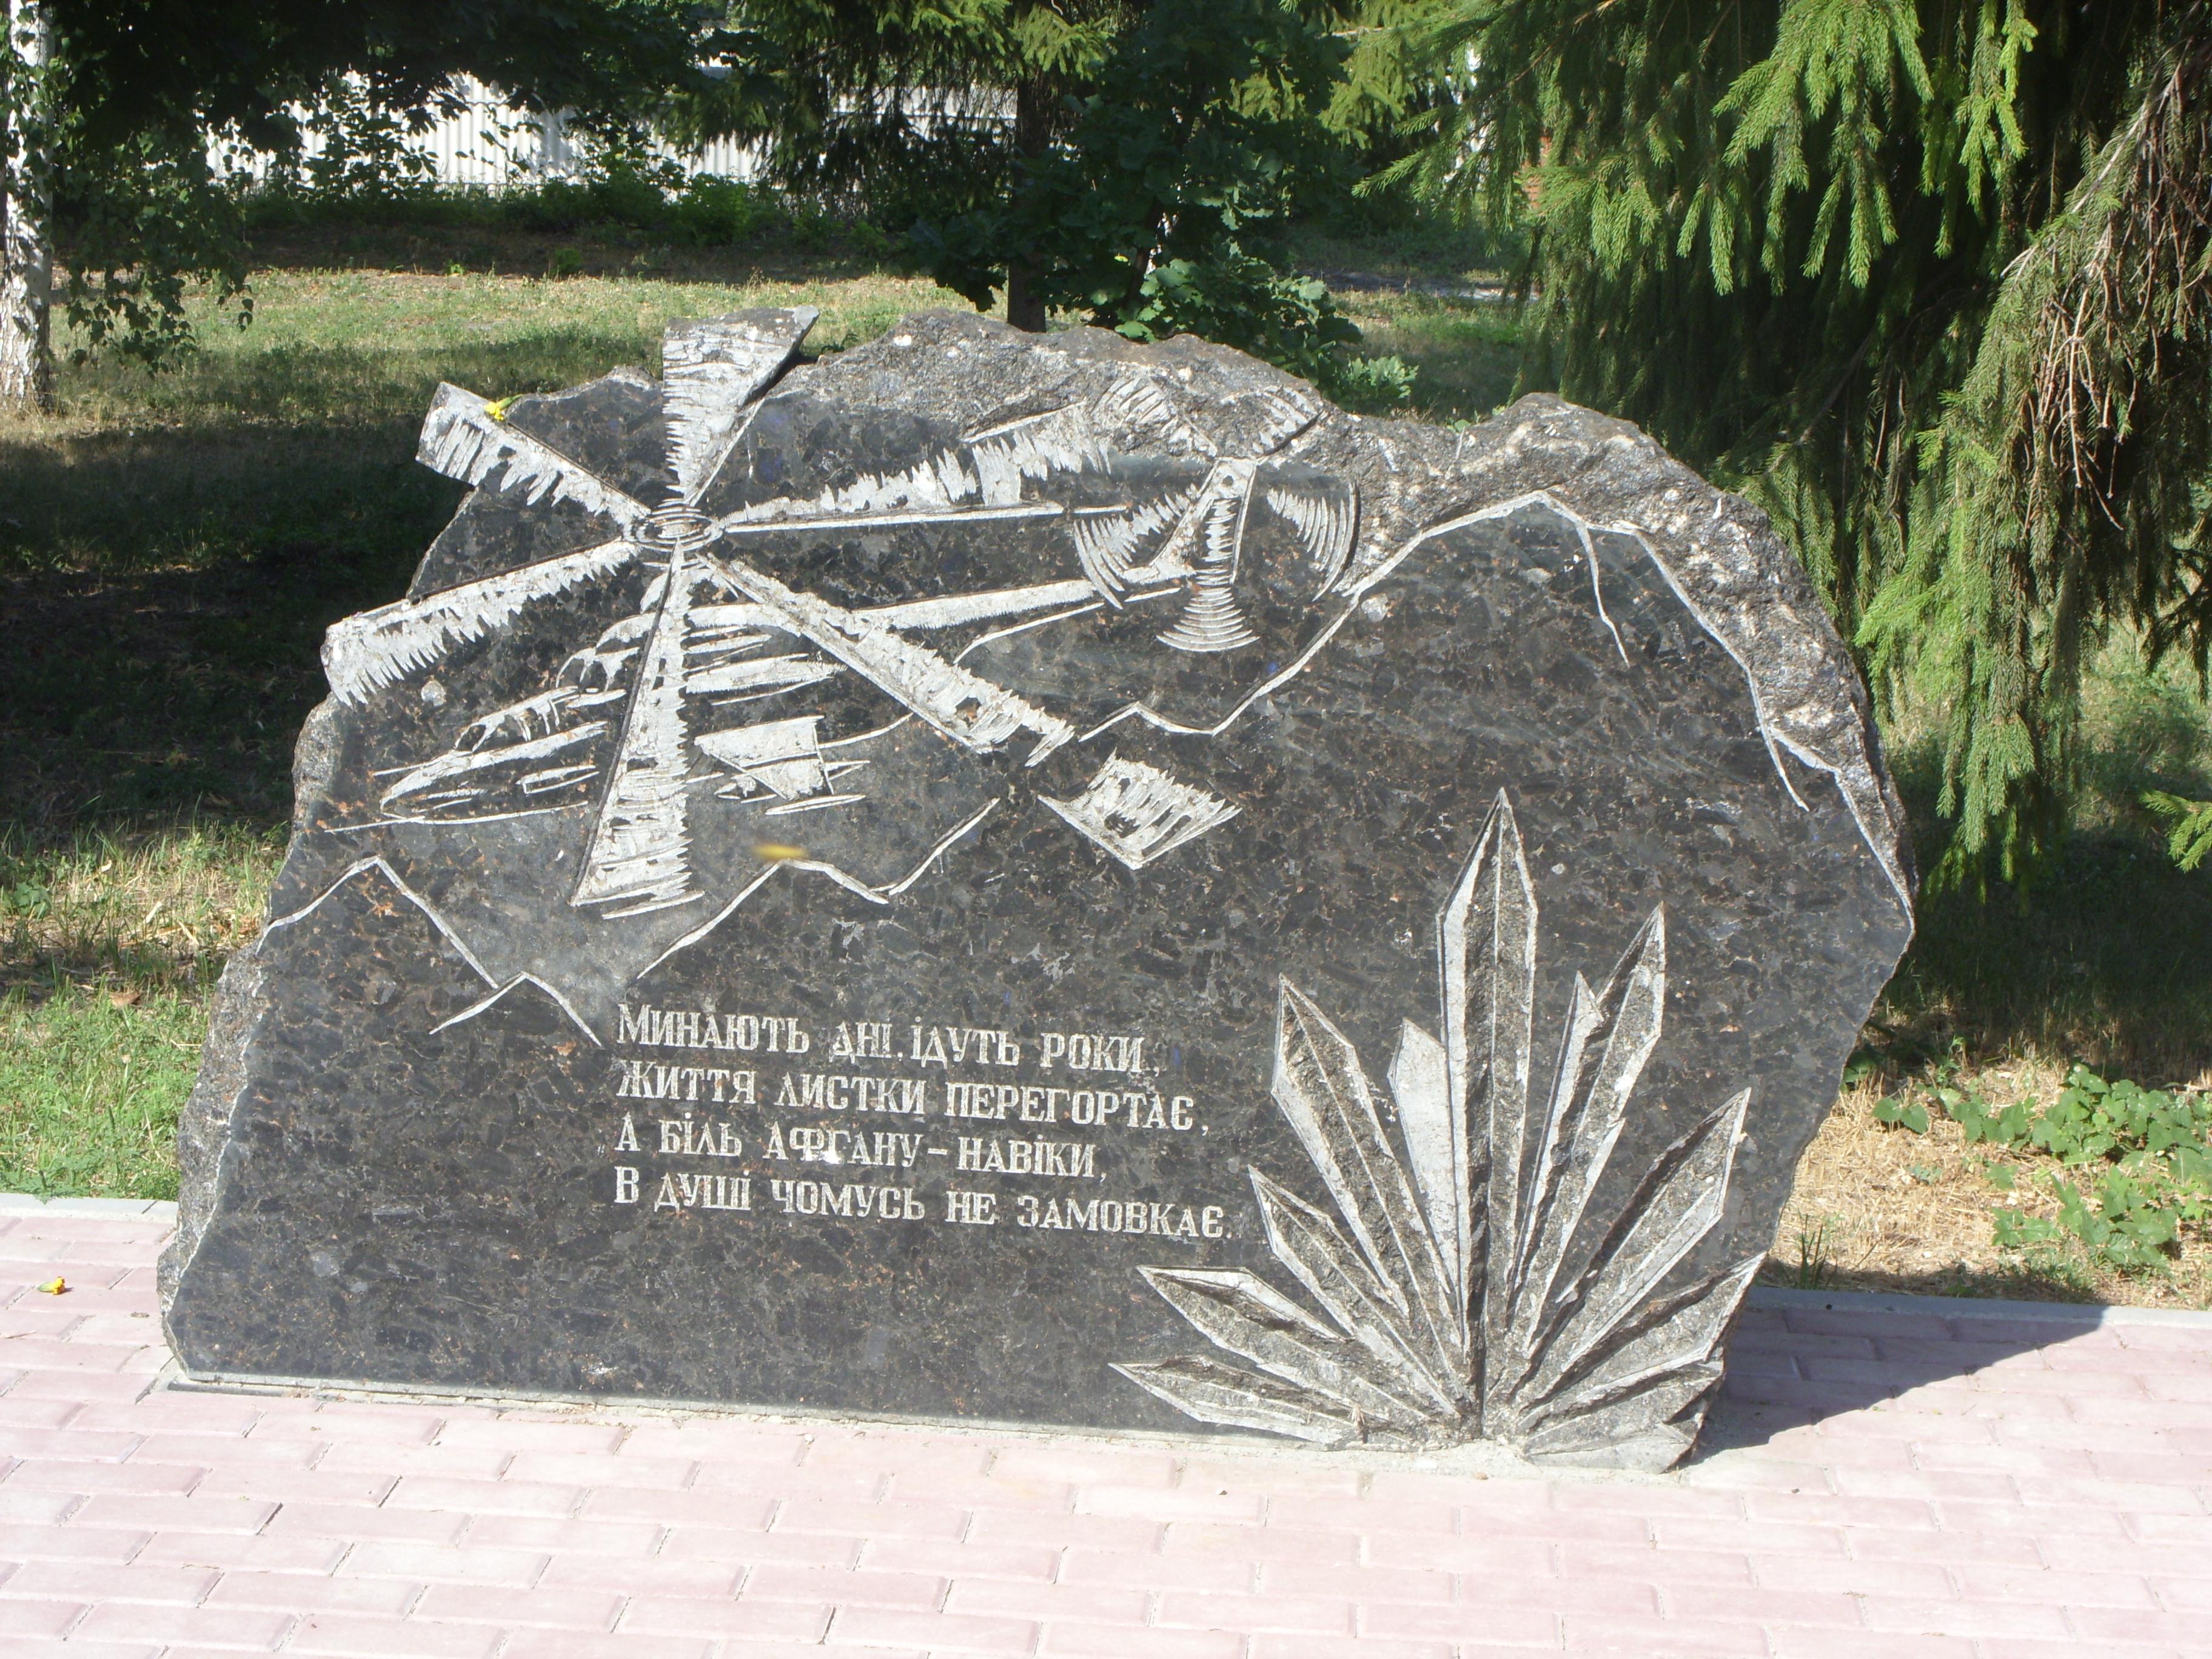 Памятник афганцам в Кегичевке Харьковской области